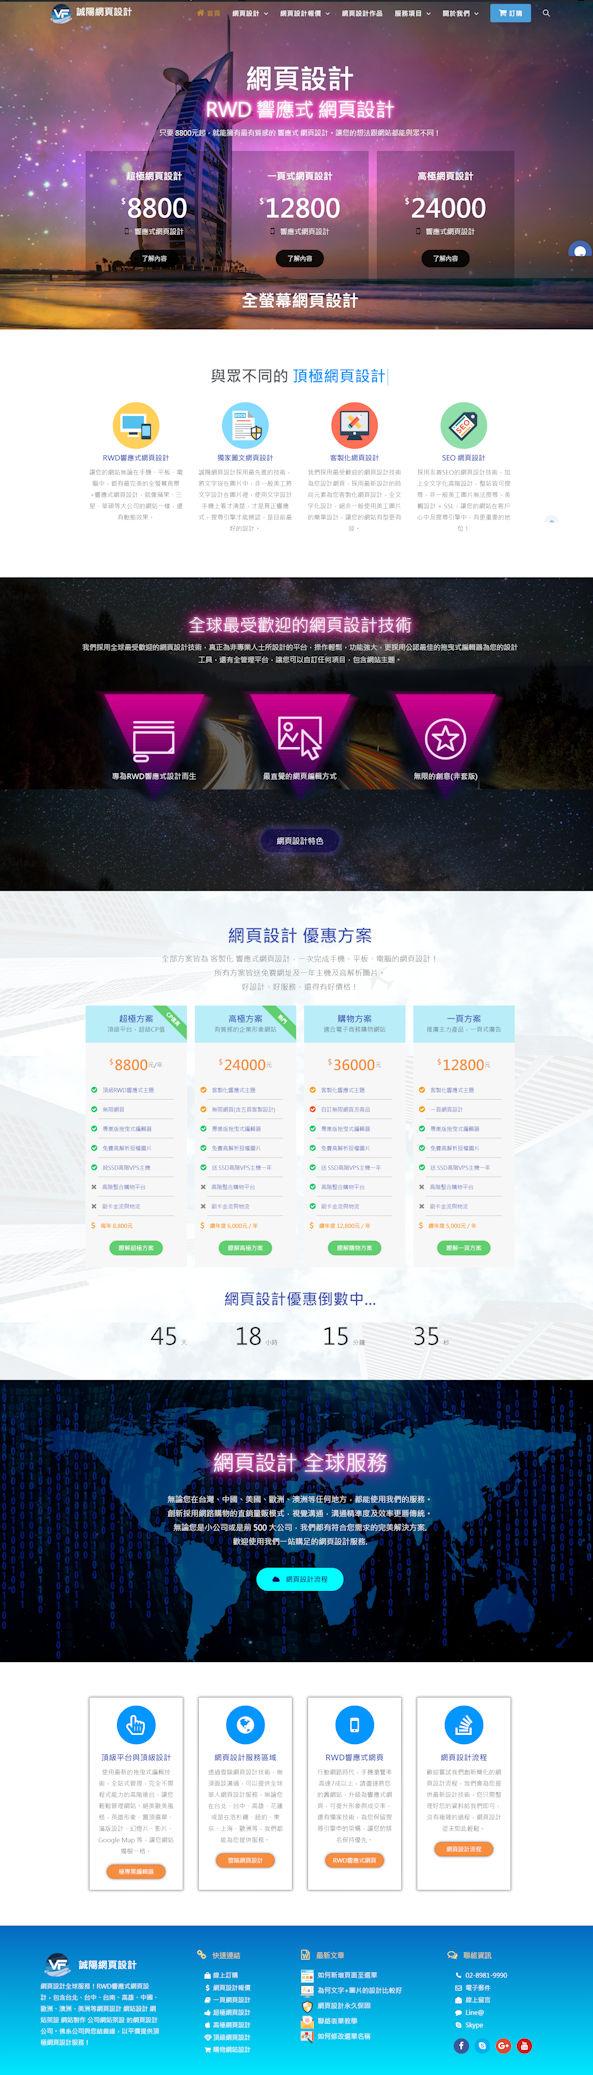 網頁設計-誠陽網頁設計1